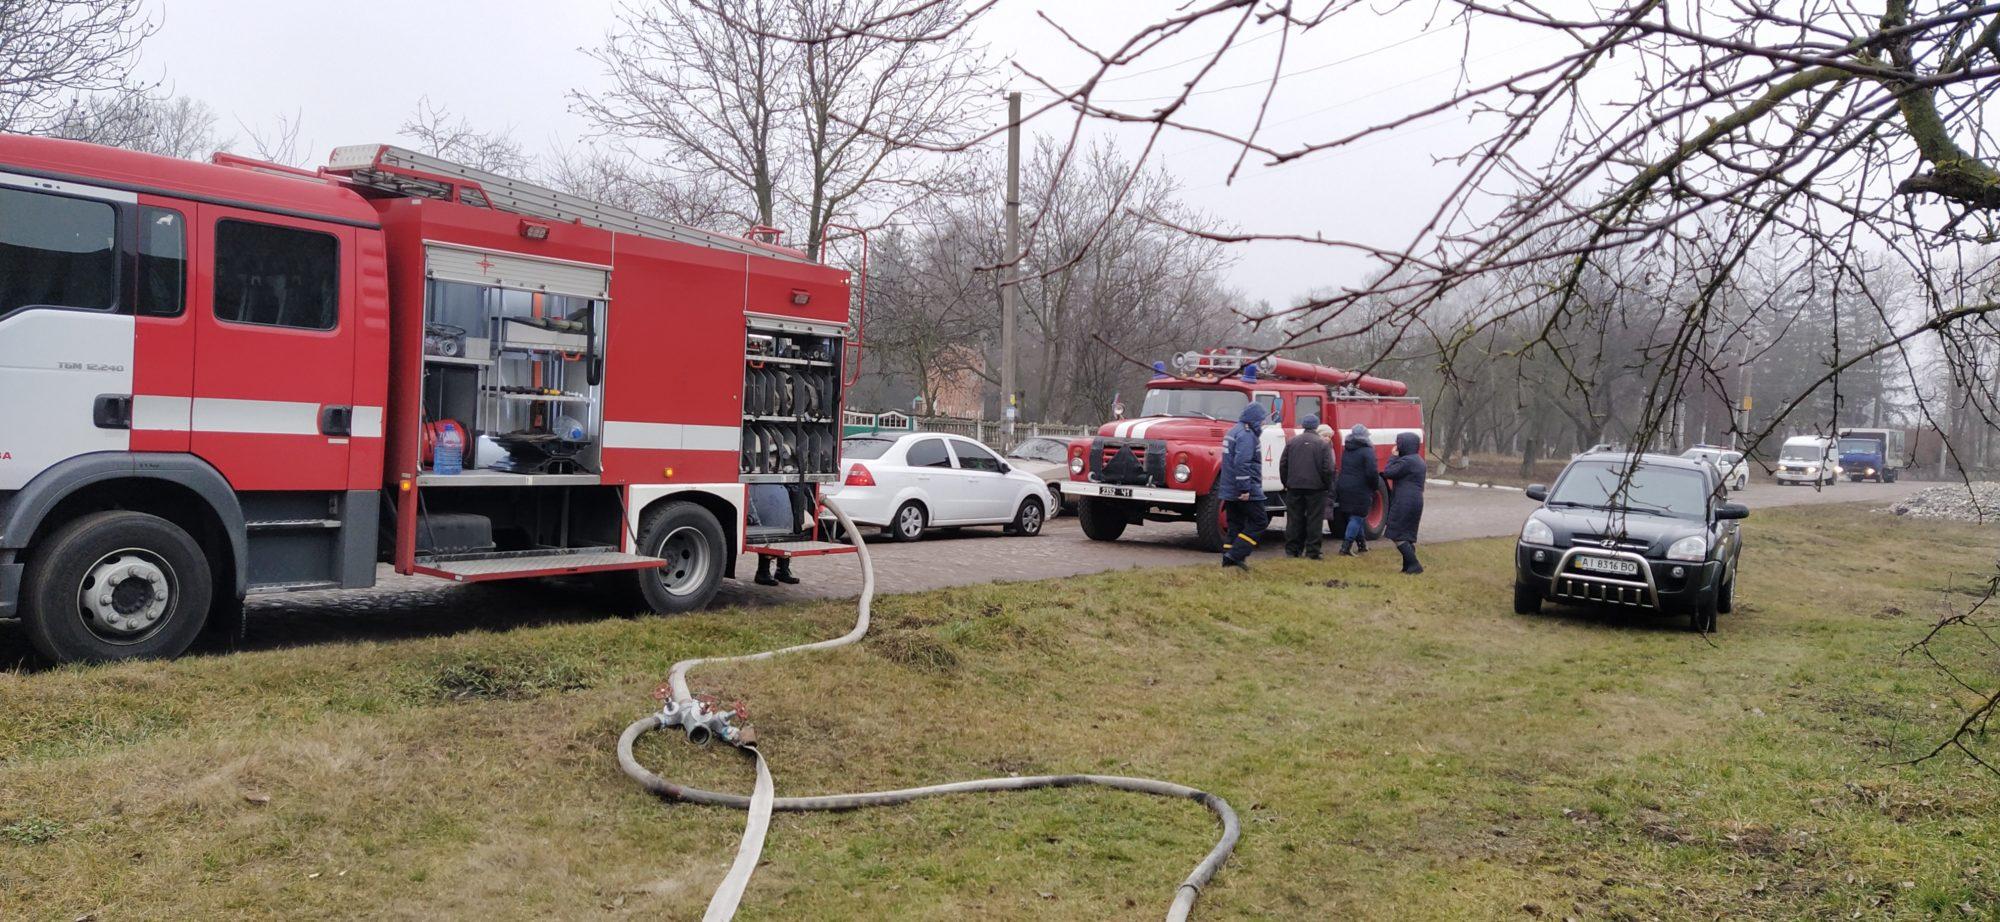 На Білоцерківщині загорівся будинок 30.01.2020 - пожежа, ДСНС - IMG 20200129 102759 2000x922